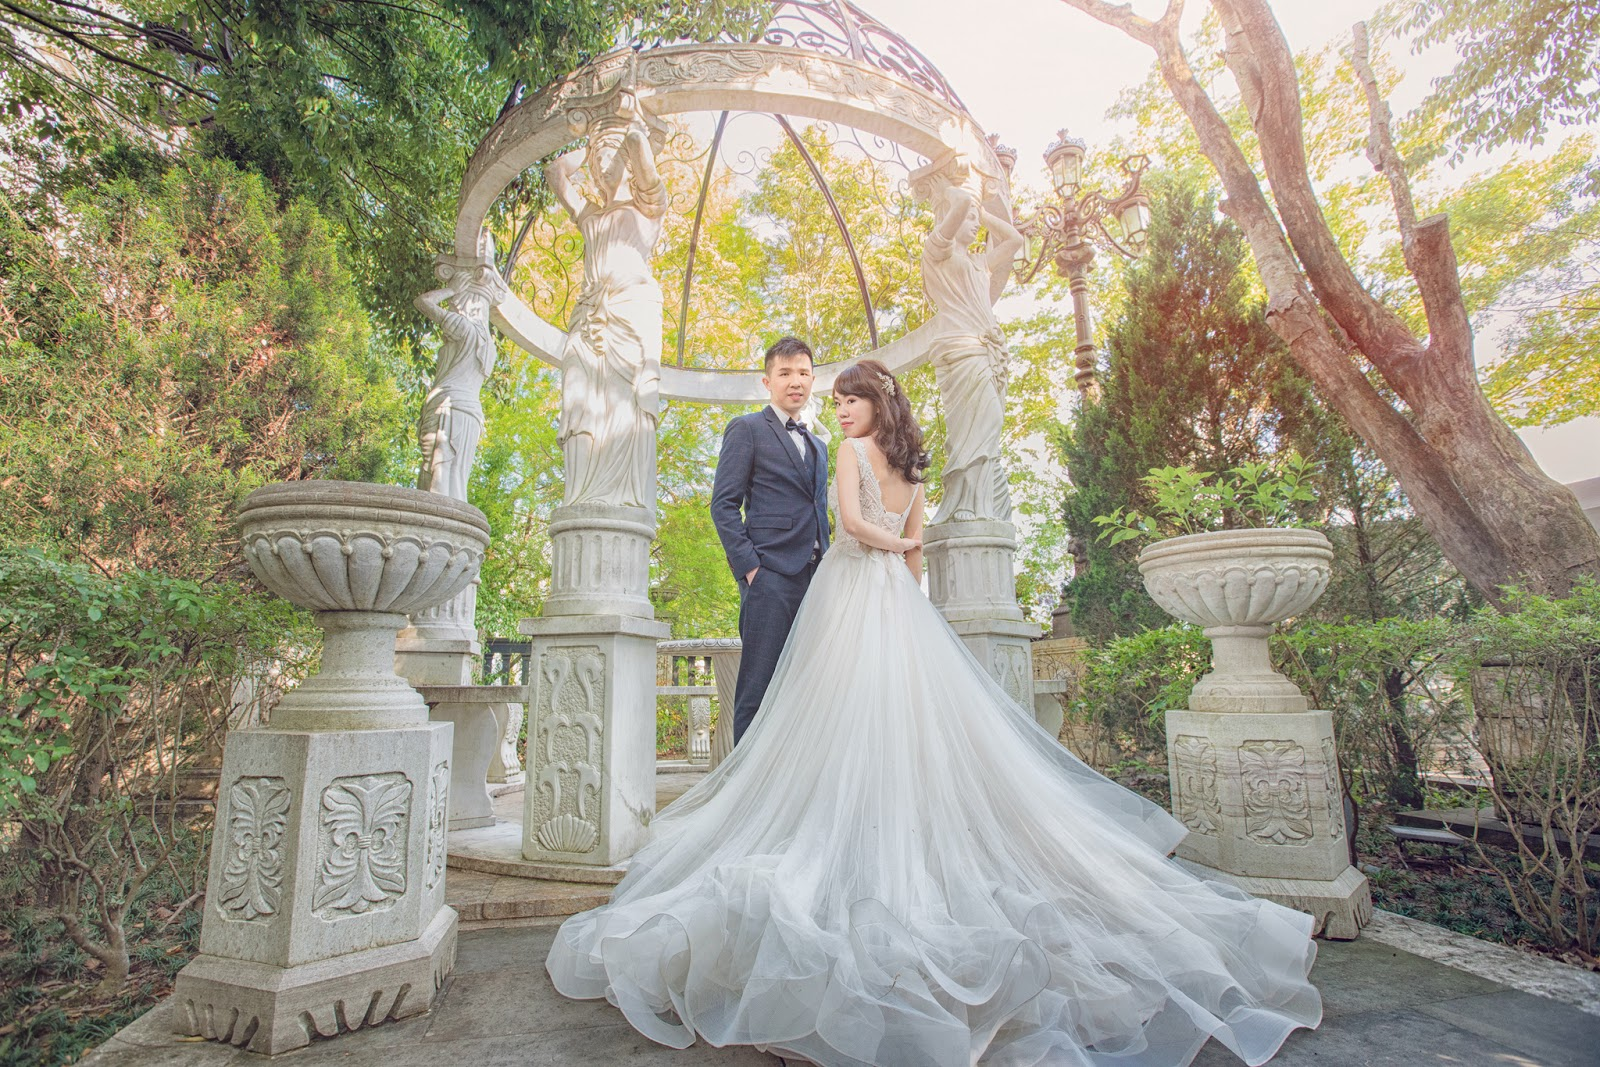 [老英格蘭婚紗] 台北婚紗推薦 內自助婚紗 歐洲巴黎風格 香港新人 布拉格遊玩 城堡婚紗 白雪公主 超值婚紗 ptt結婚版